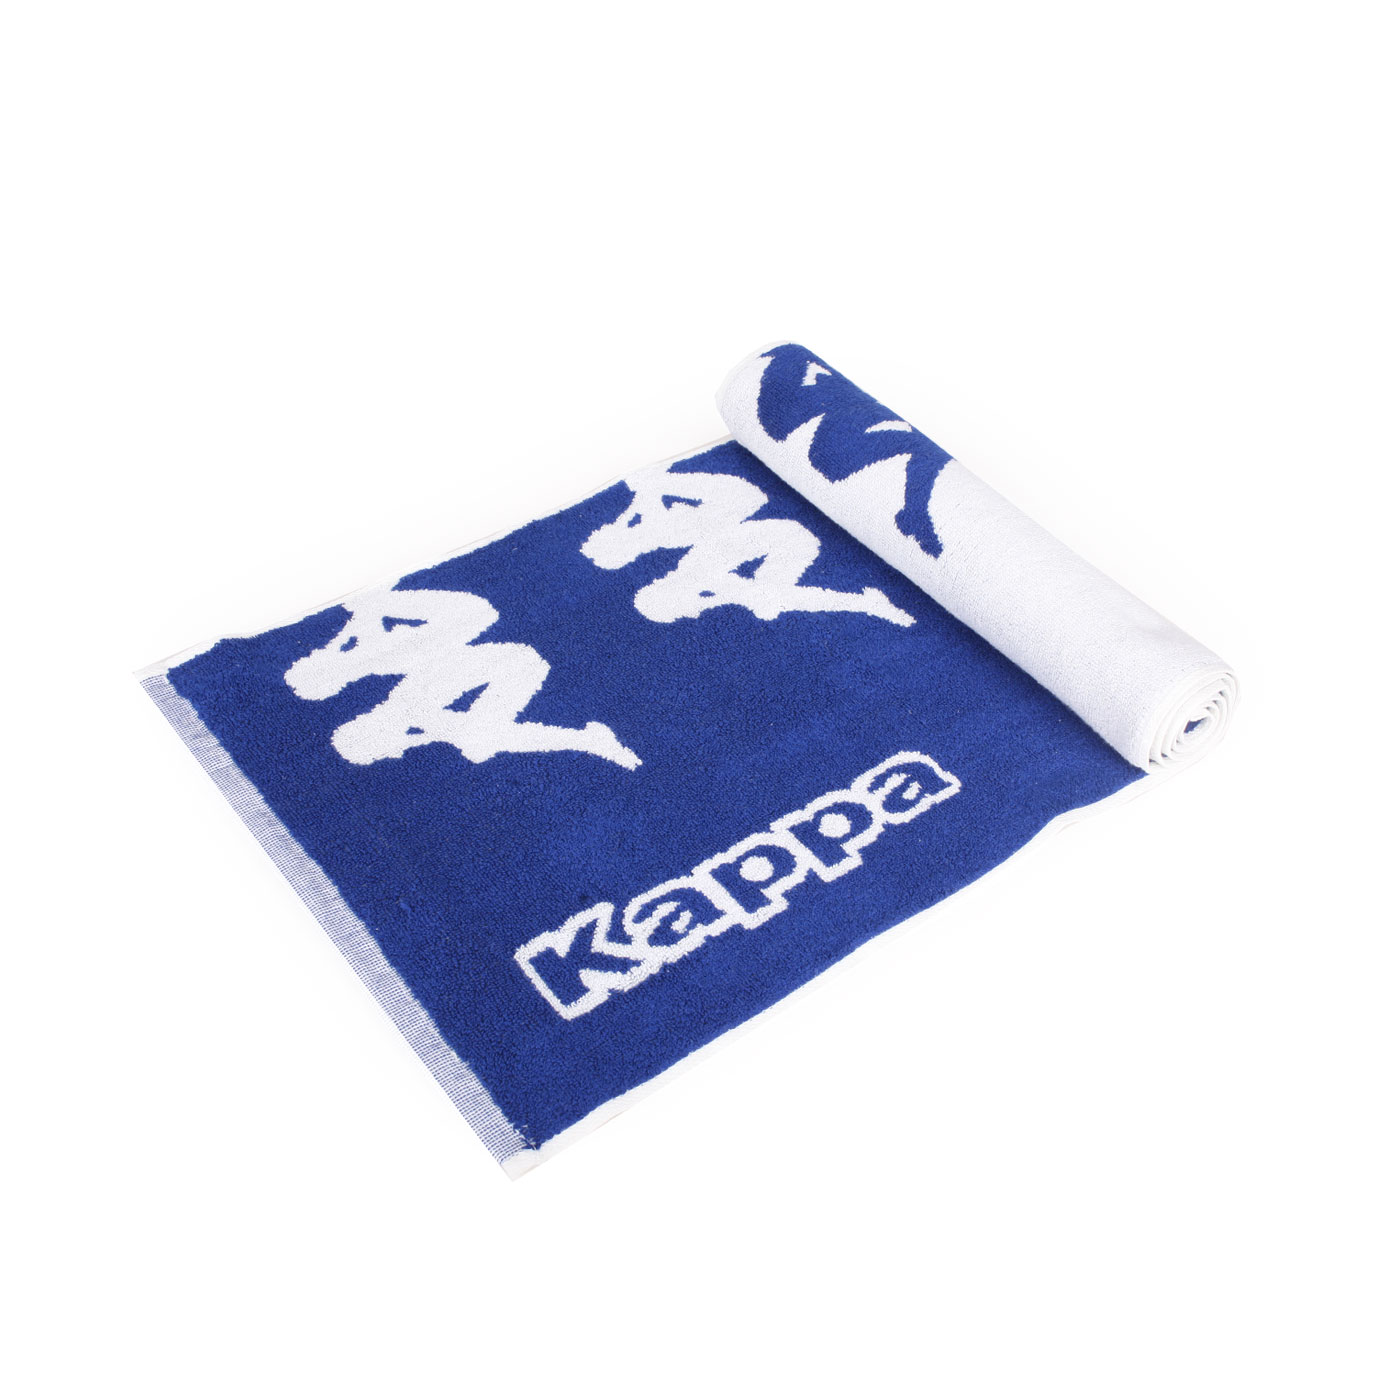 KAPPA 運動毛巾 304SG30-929 - 藍白